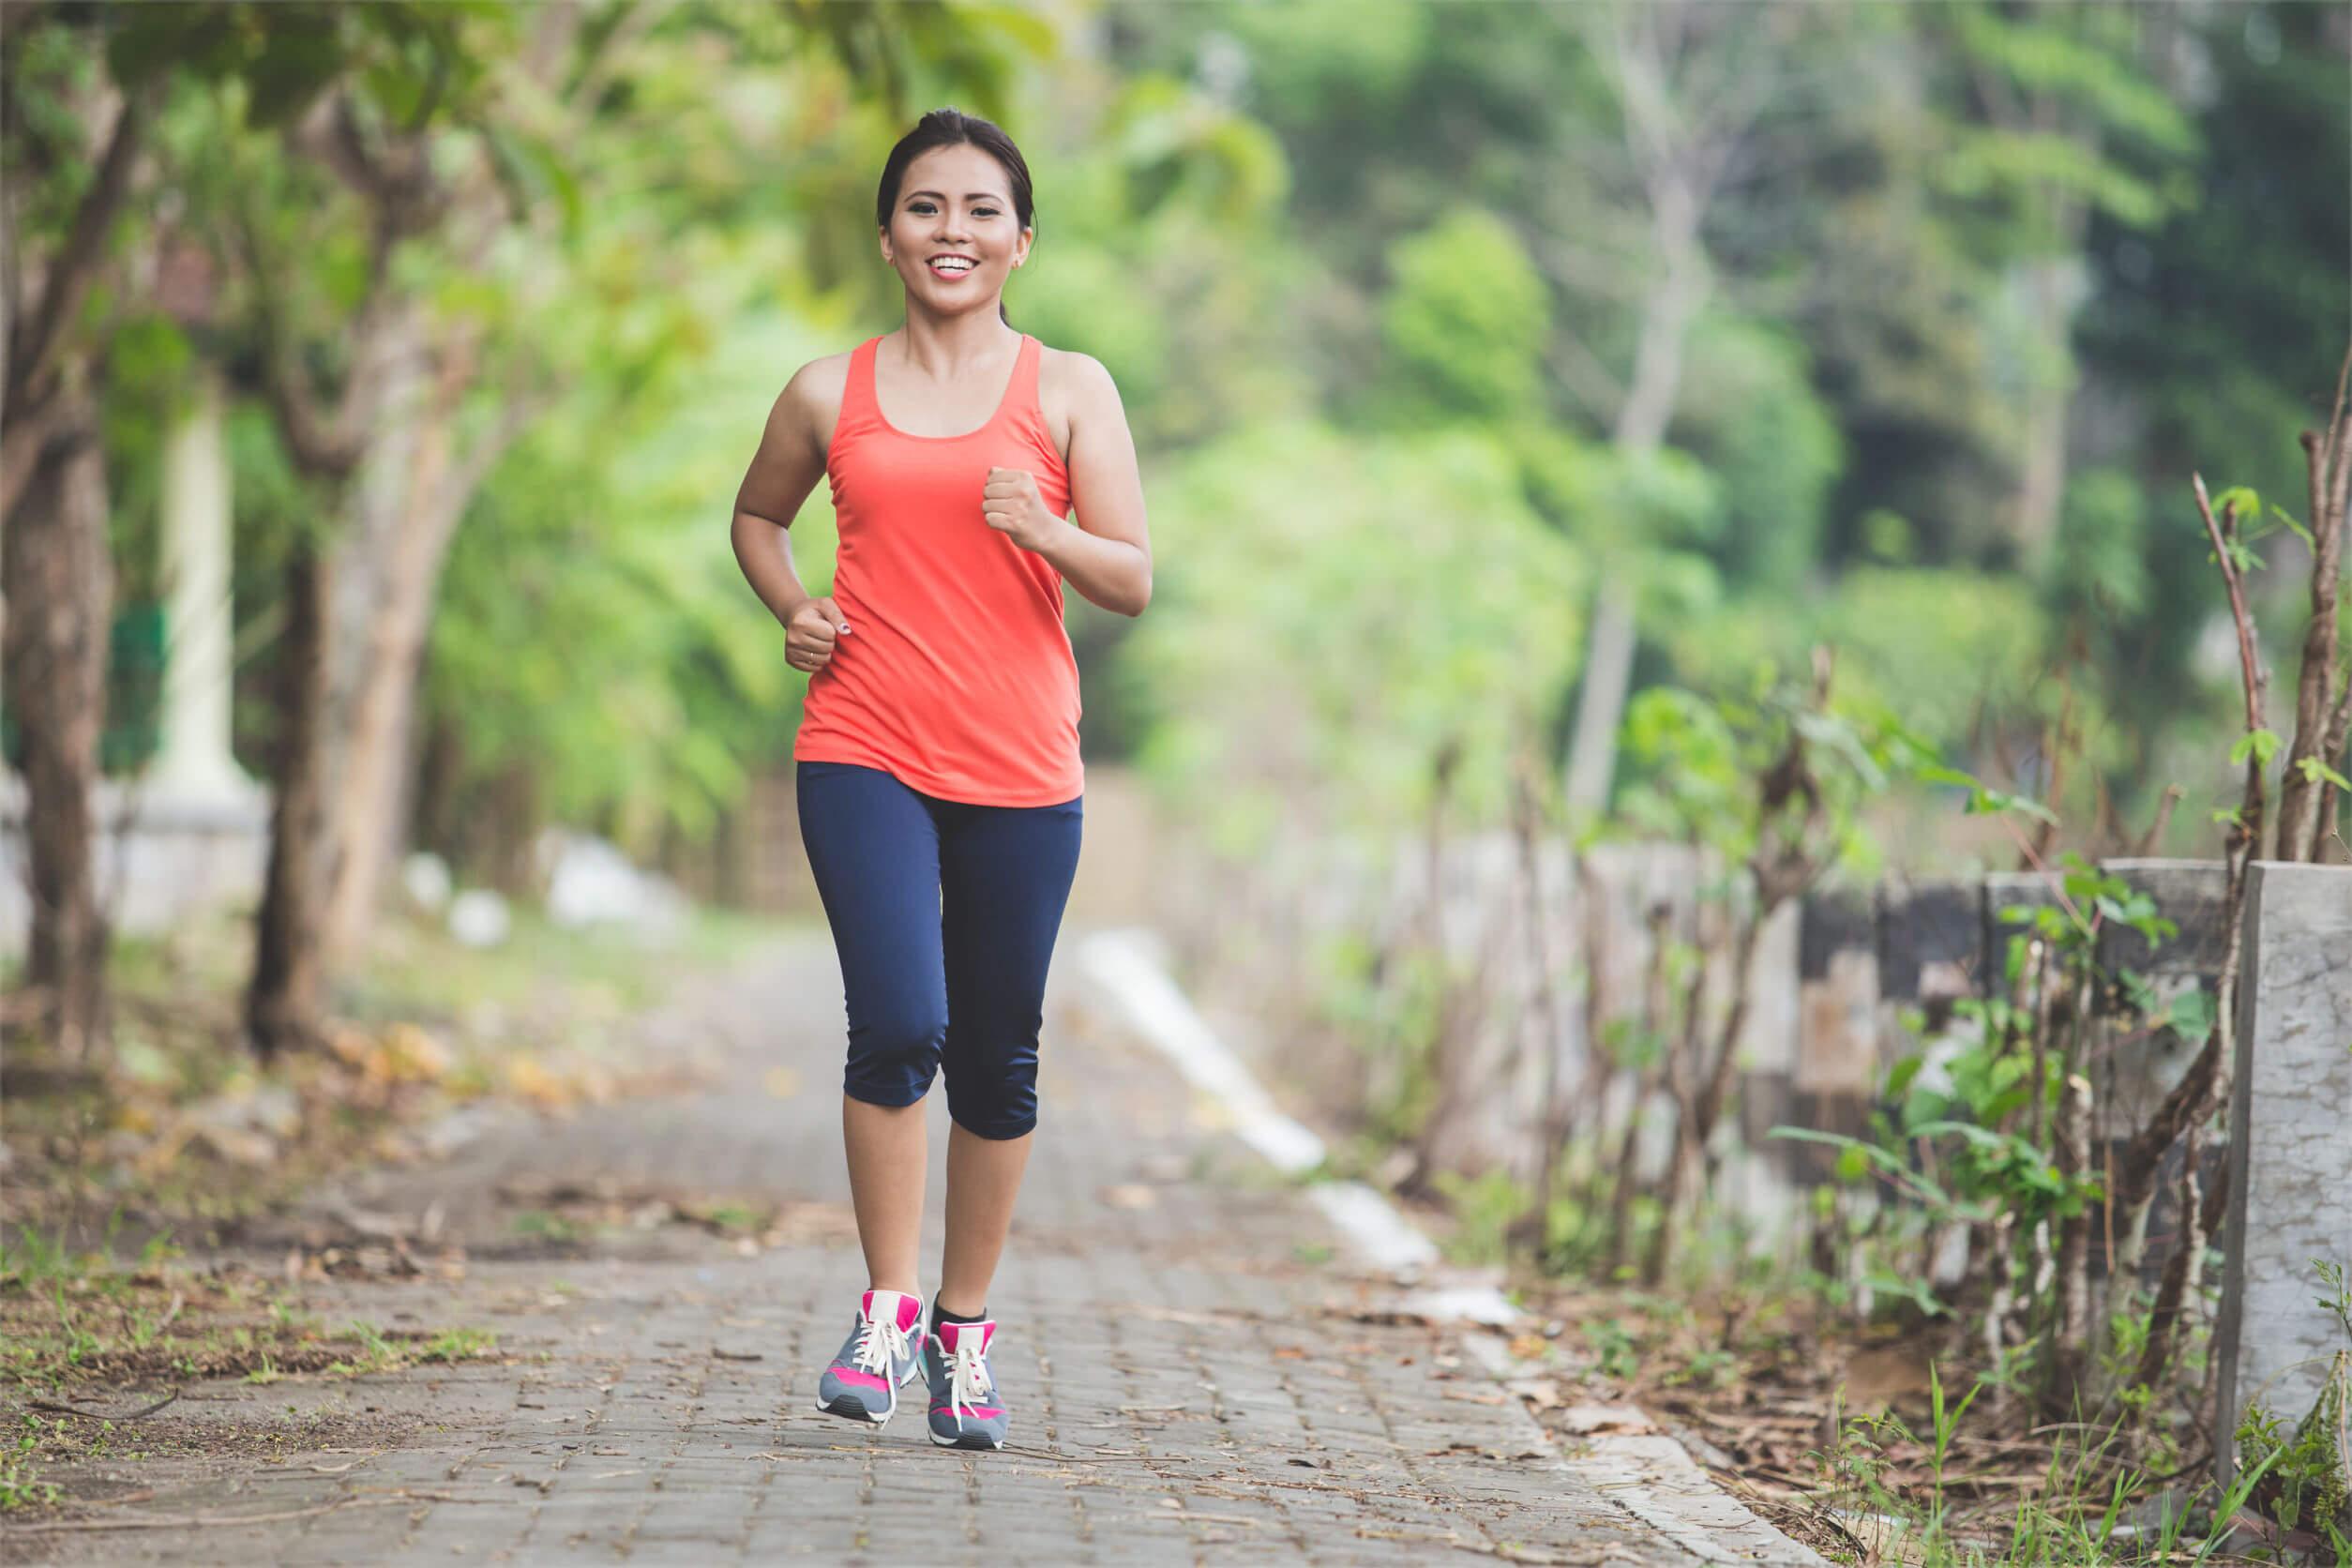 El ejercicio se puede evitar durante el periodo menstrual